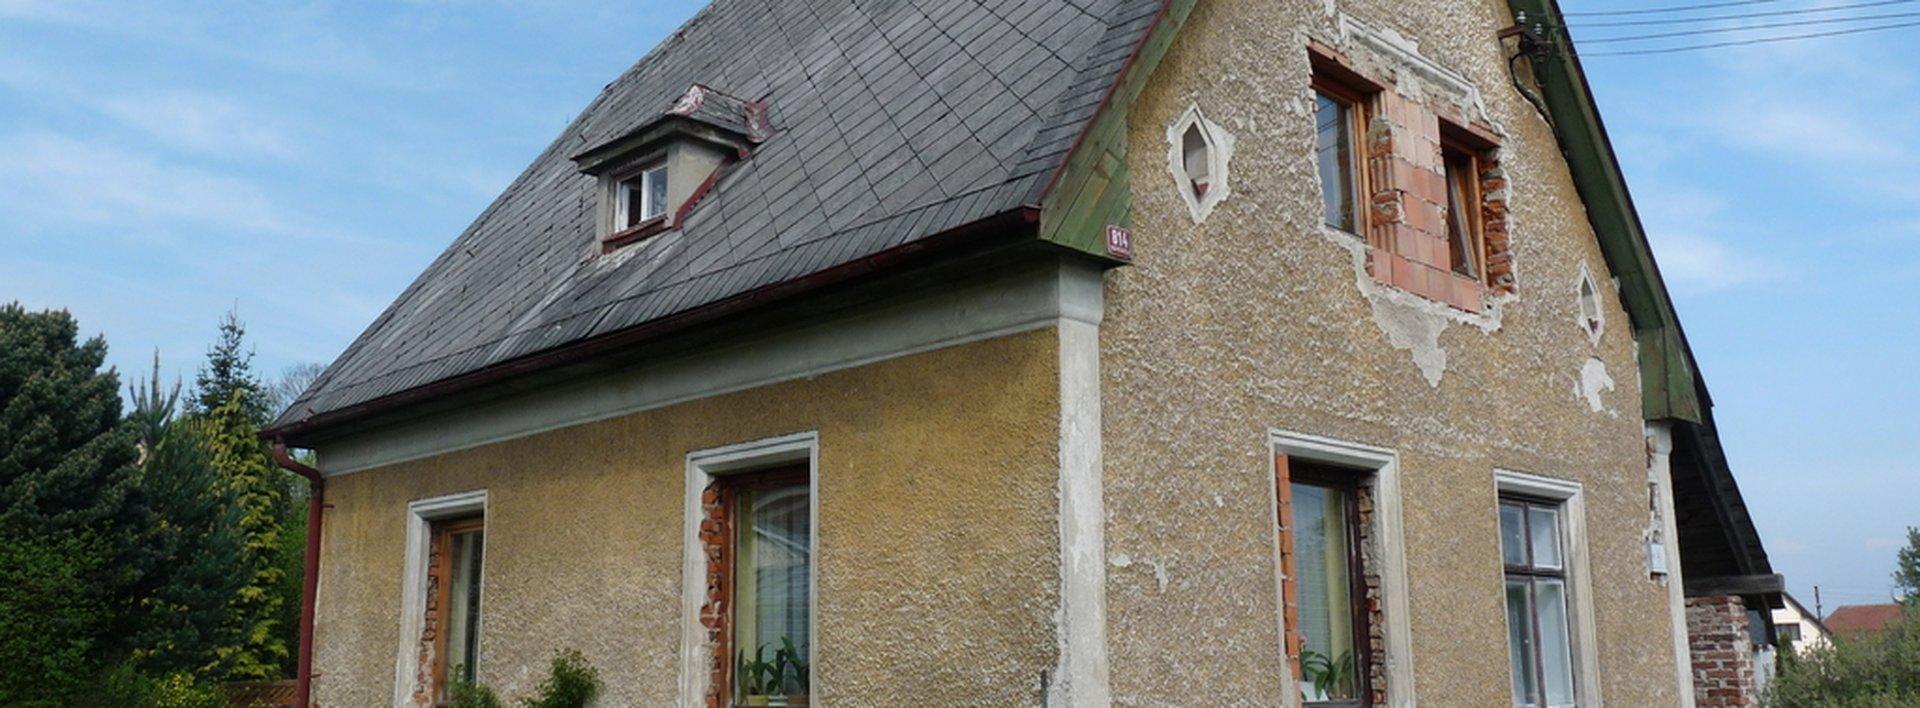 Exkluzivní nabídka prodeje rodinného domu ve Vratislavicích n. Nisou, Ev.č.: N47702